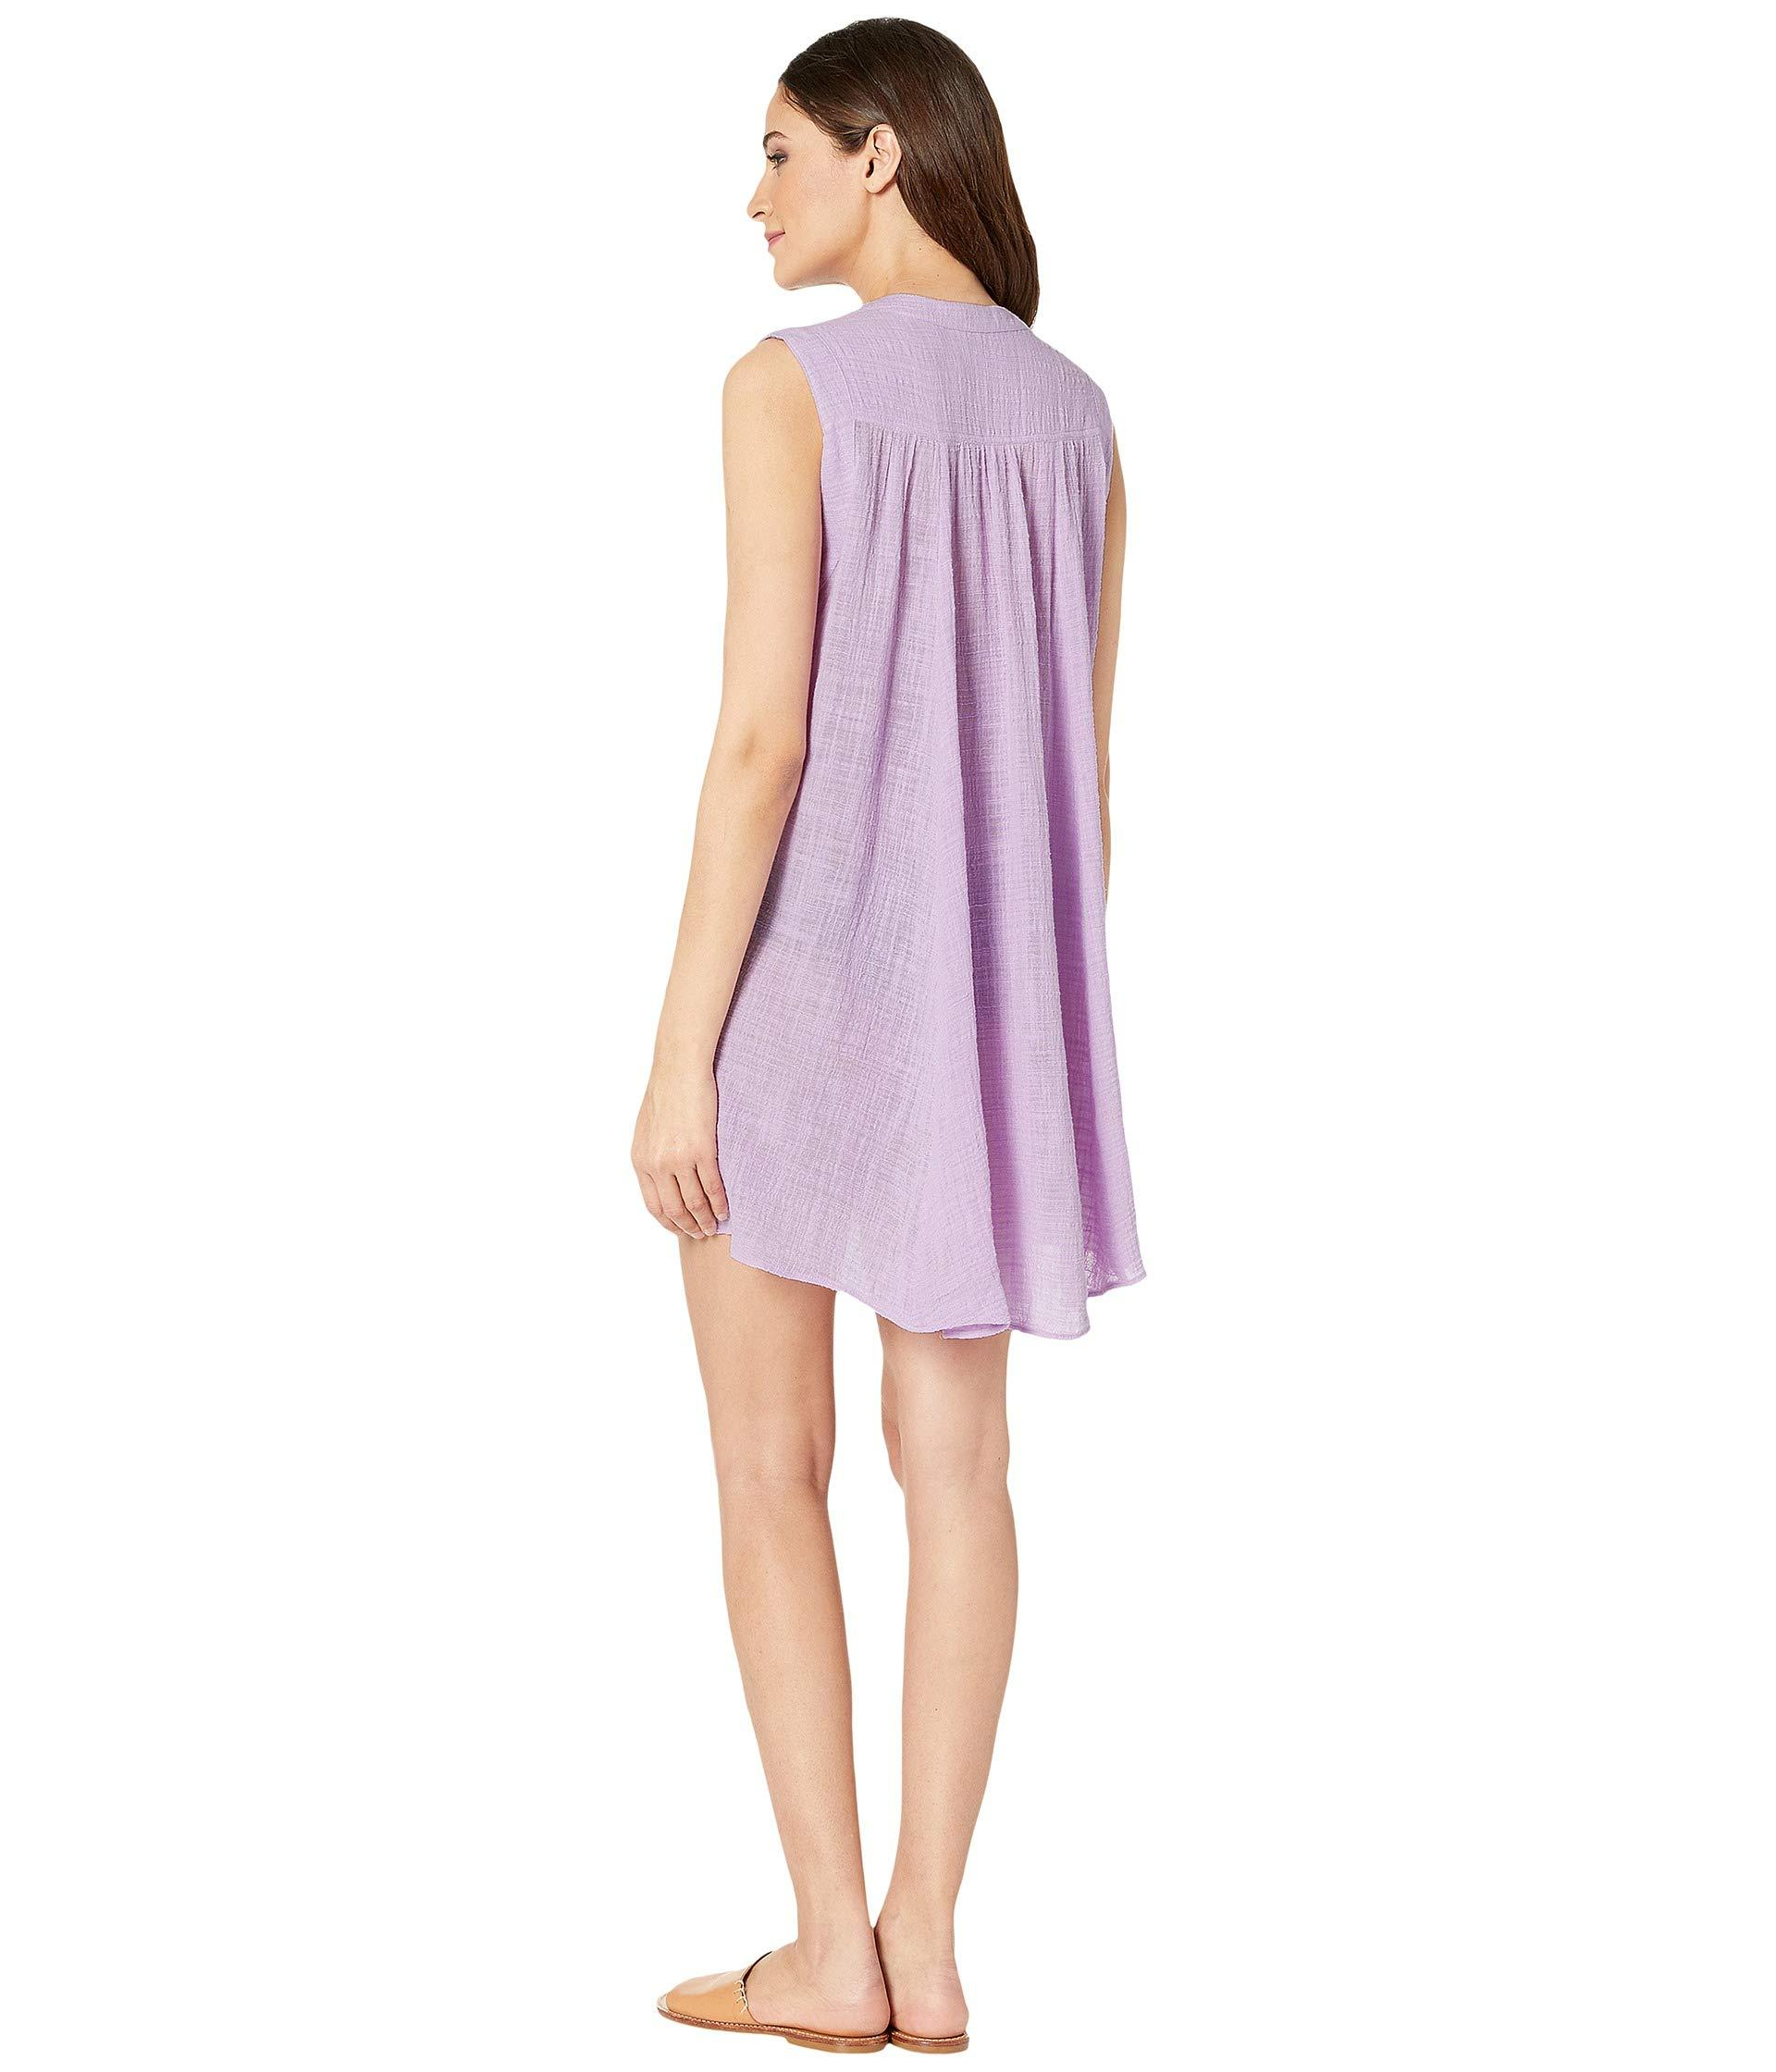 671d98957e ... Swing Beach Shirt Cover-up (eden) Women's Swimwear - Lyst. View  fullscreen